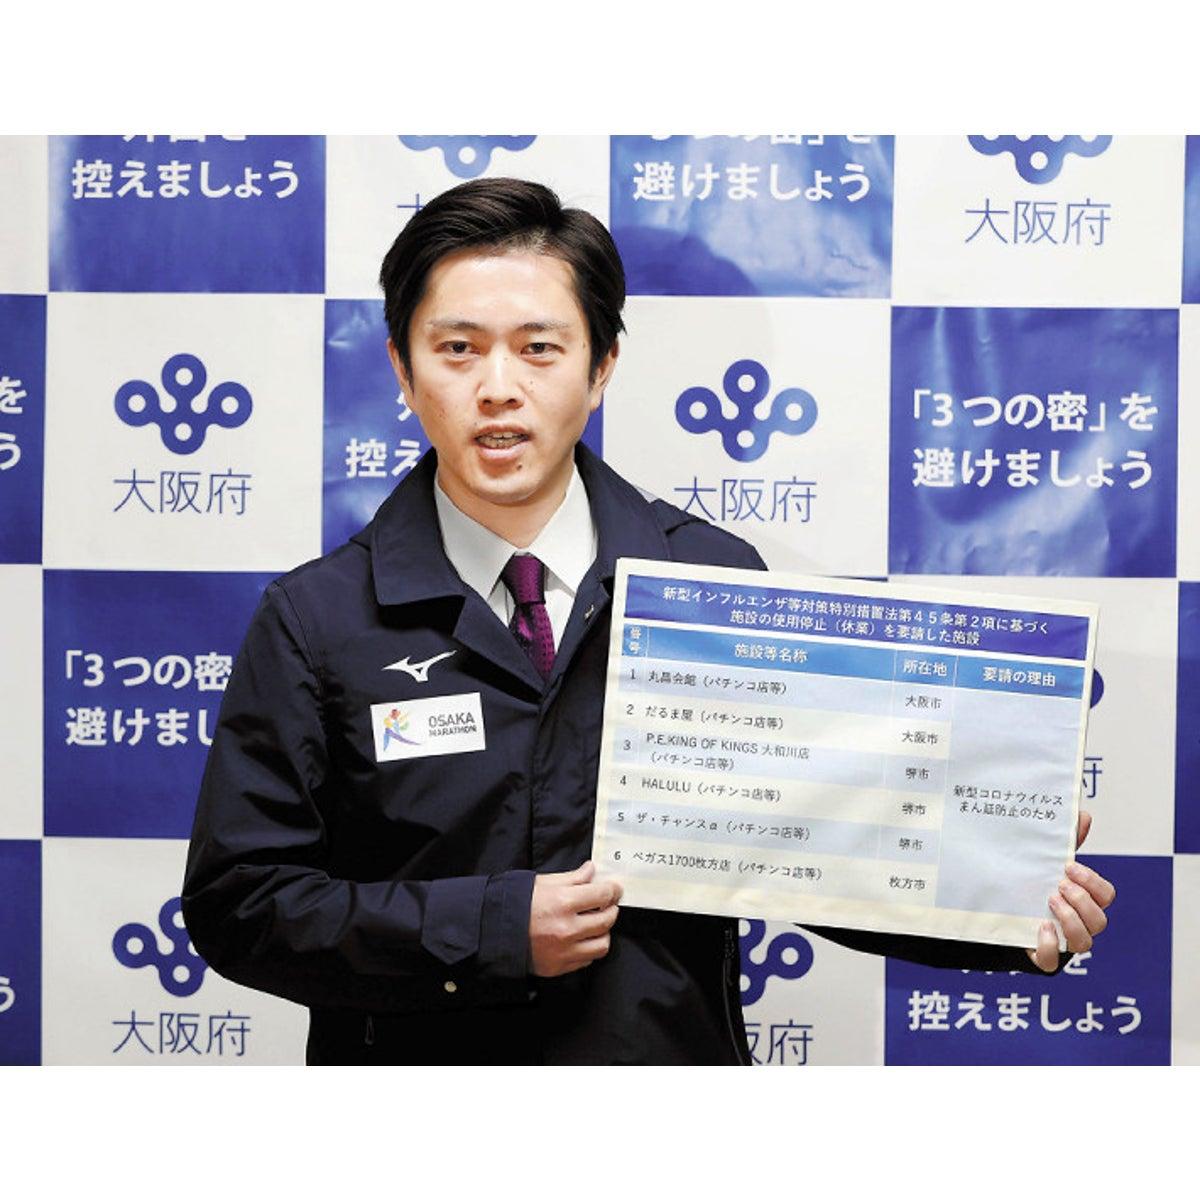 県 公表 店 福岡 パチンコ